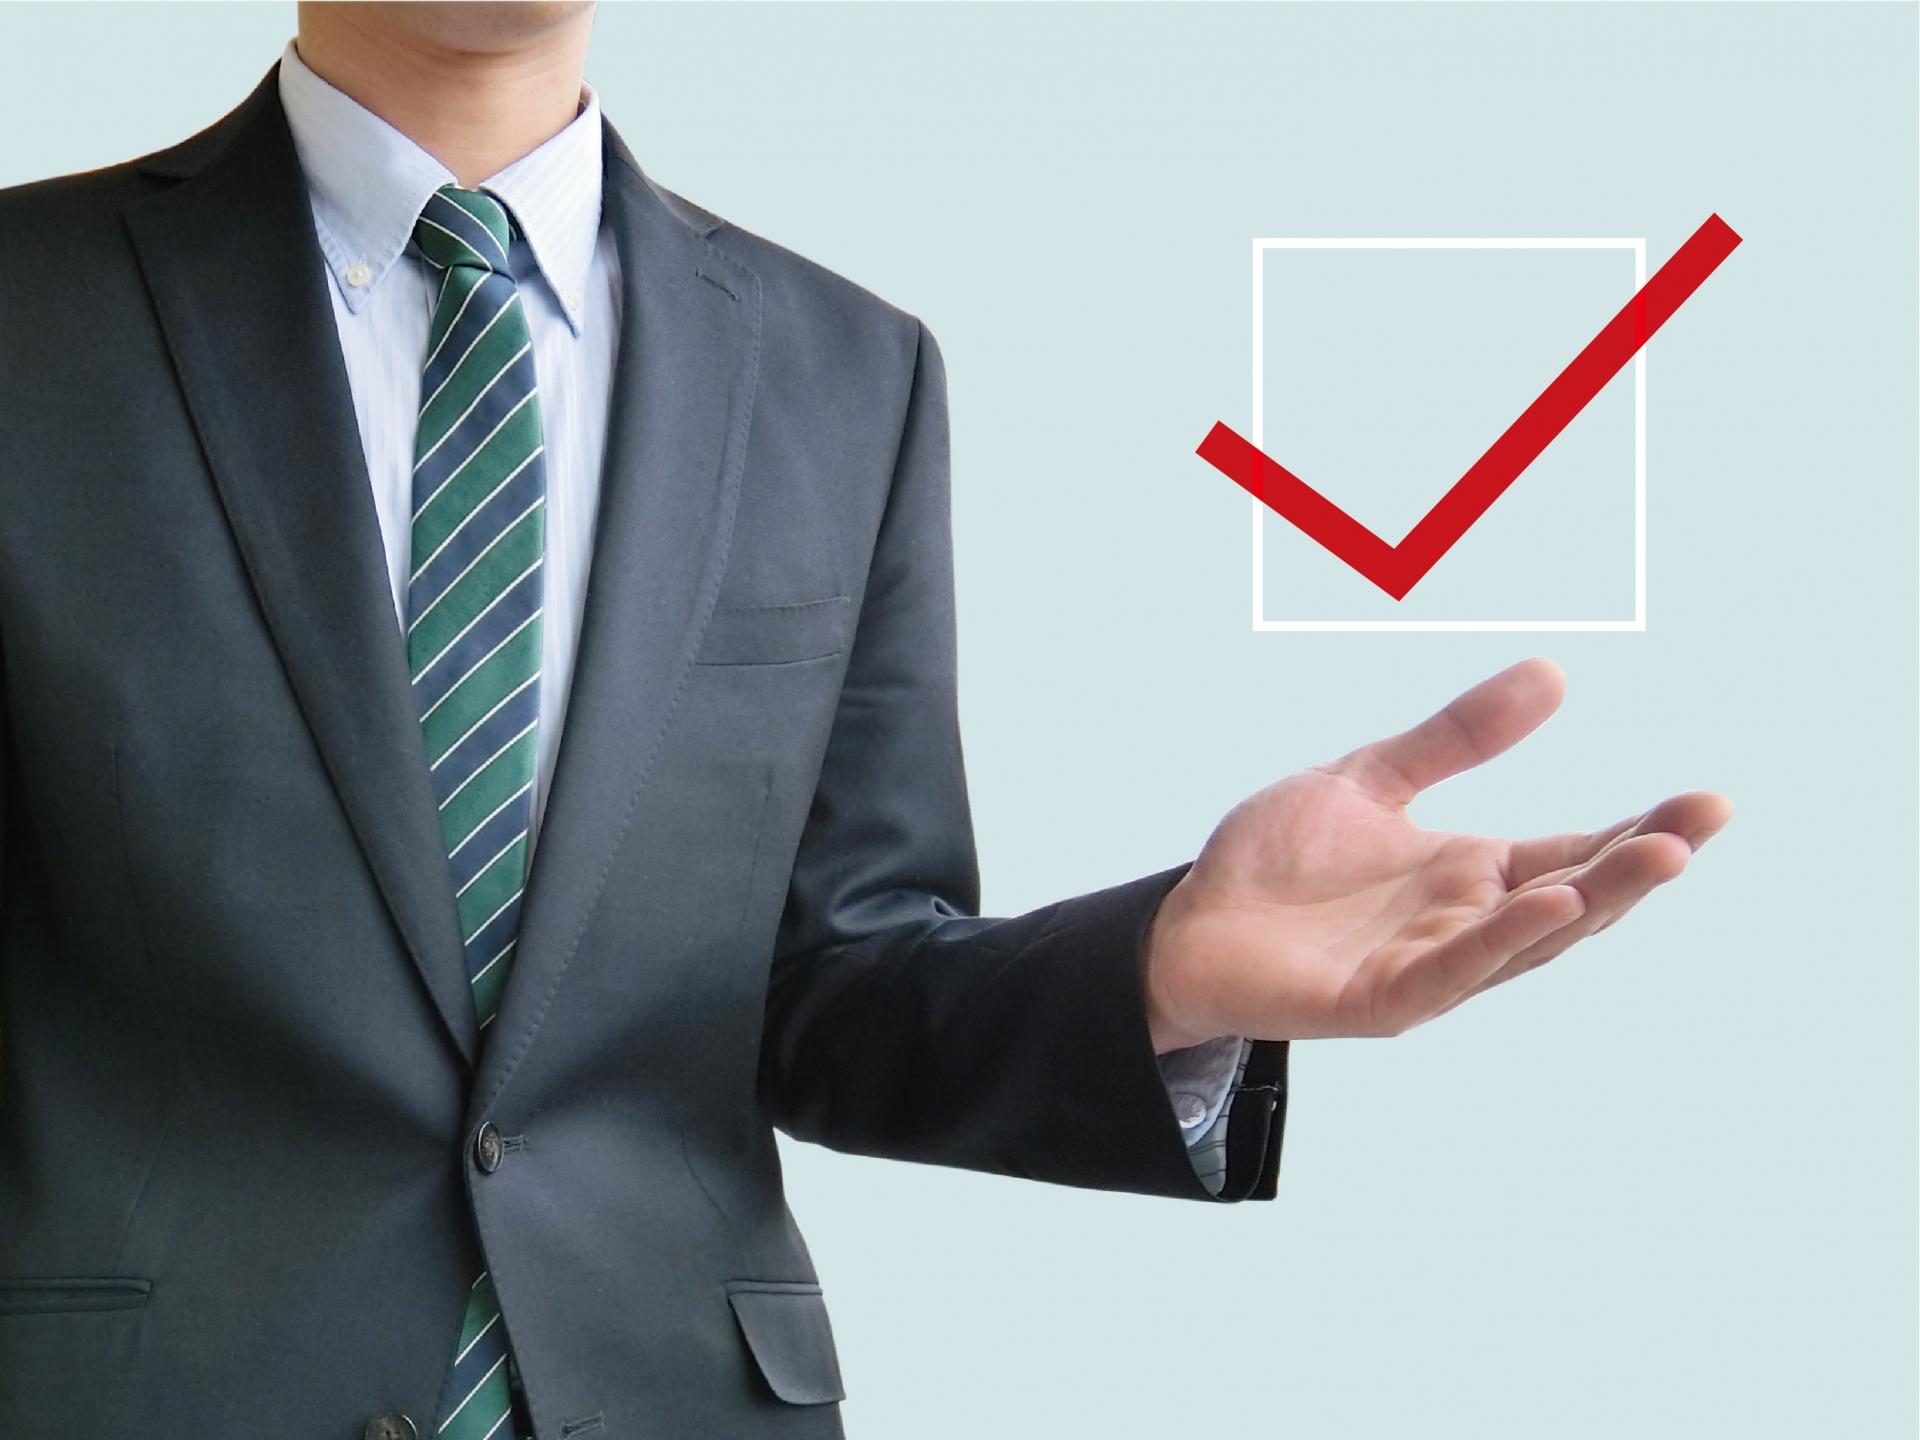 業務改善をする意味は?得られる効果や重要性が知りたい!_特徴